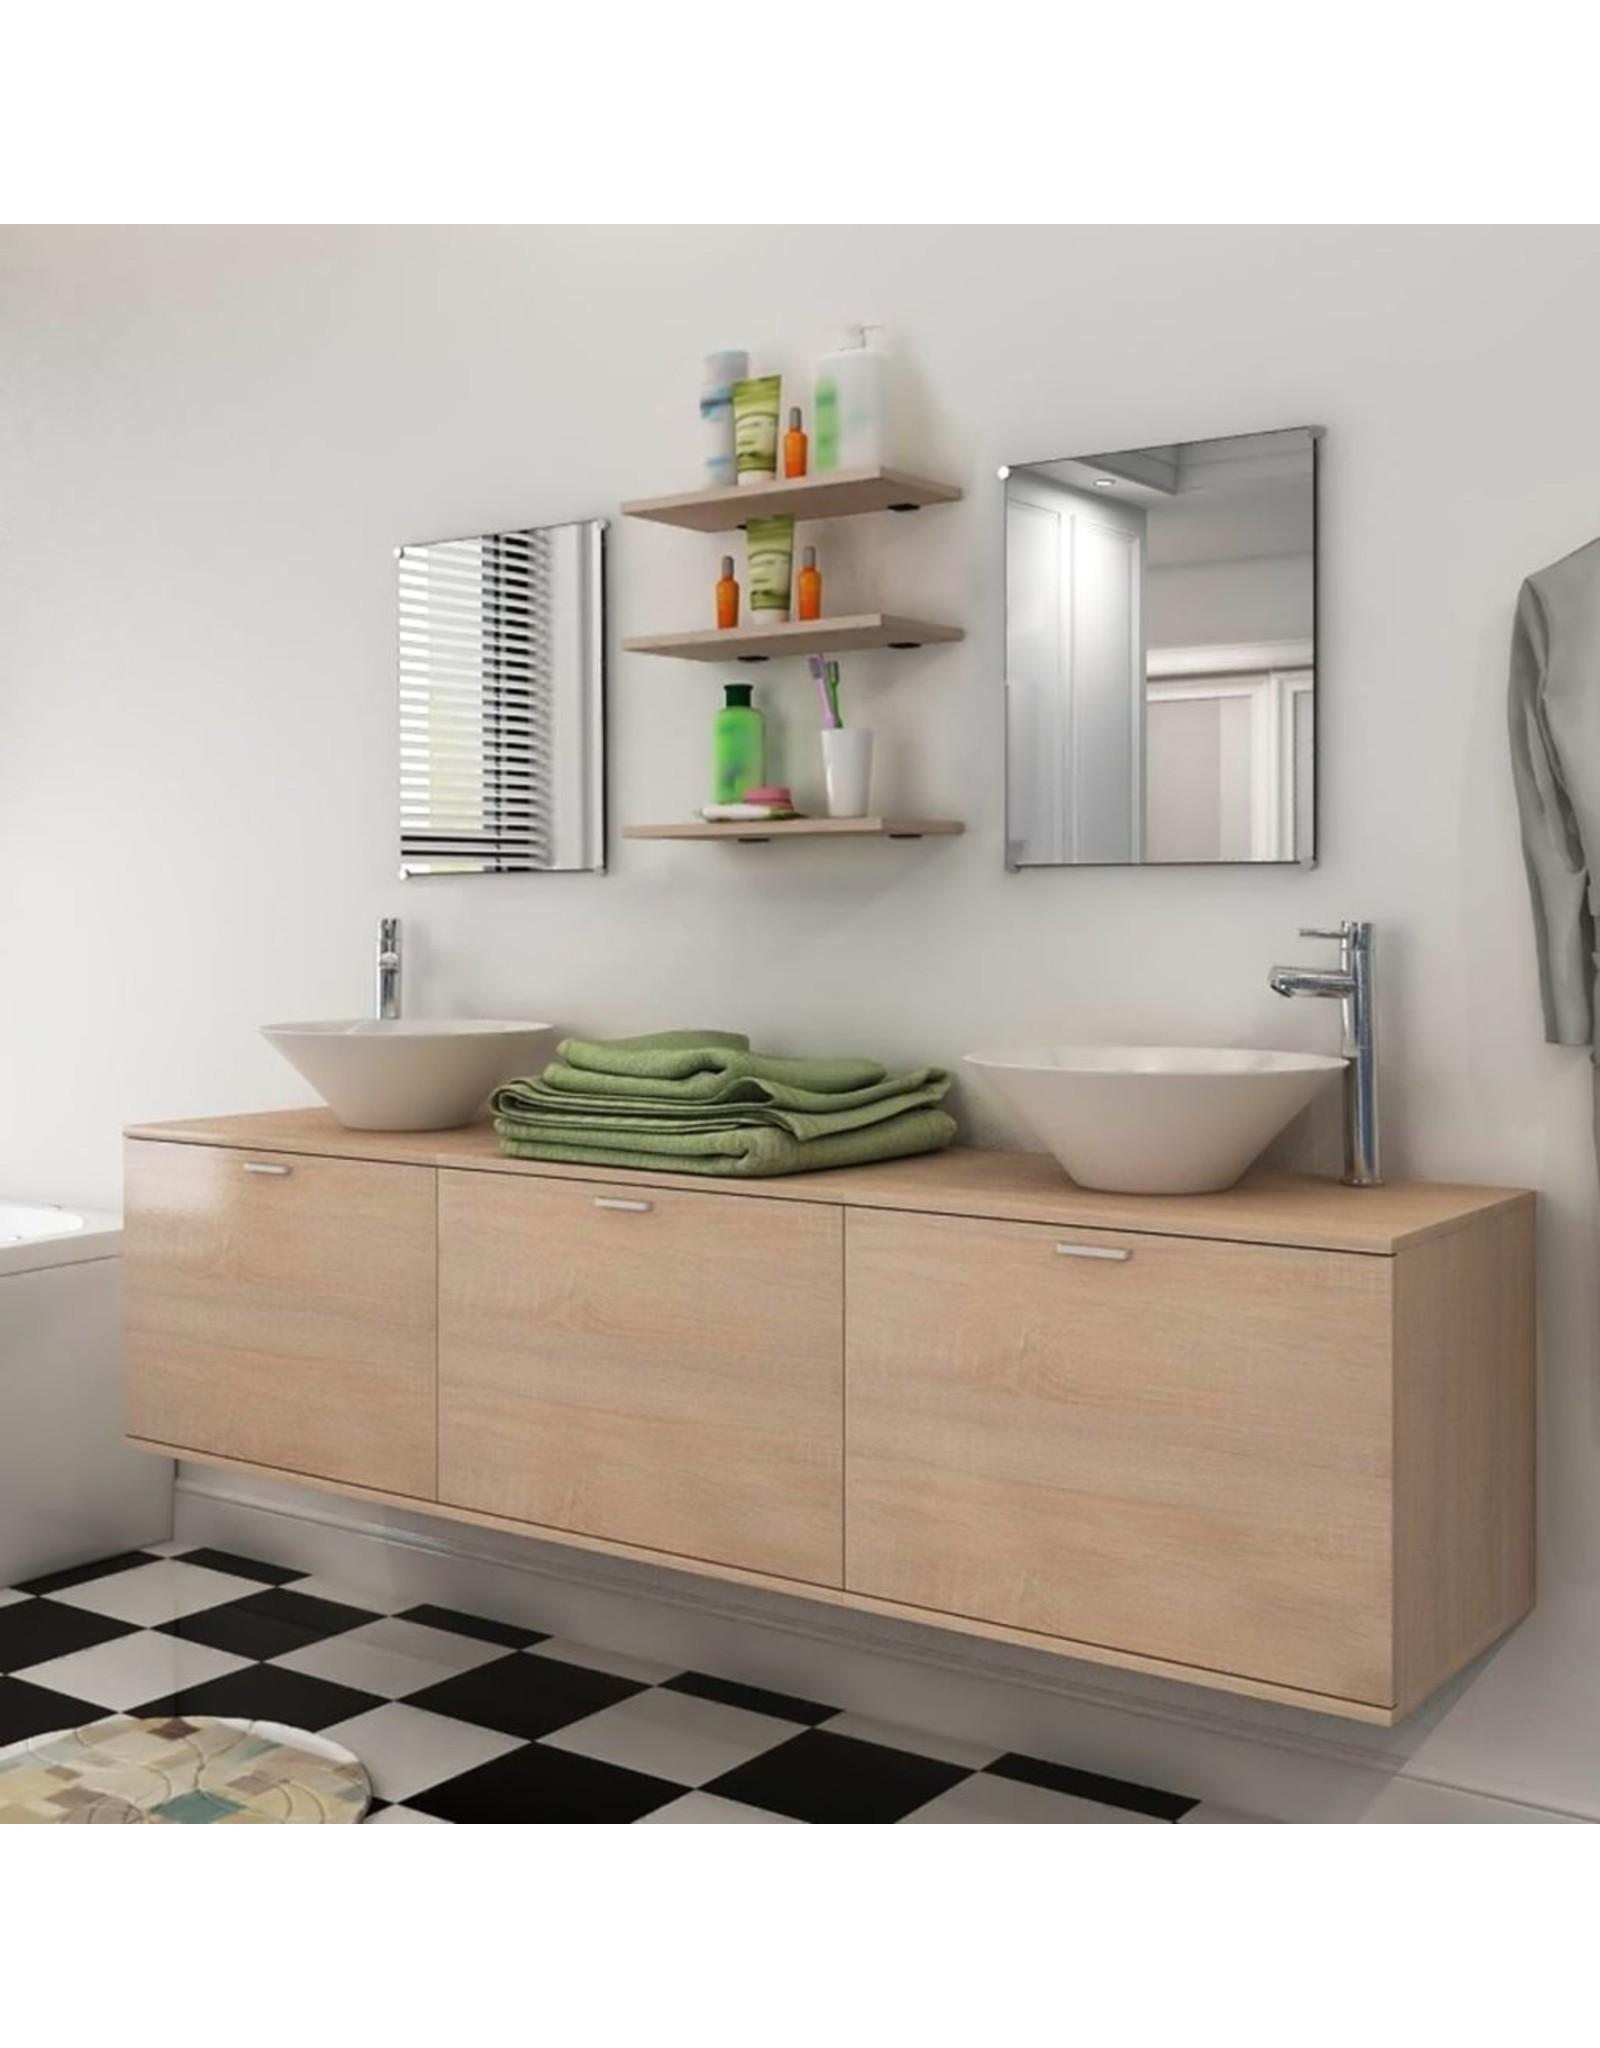 Badkamermeubelset met wasbak beige 8-delig